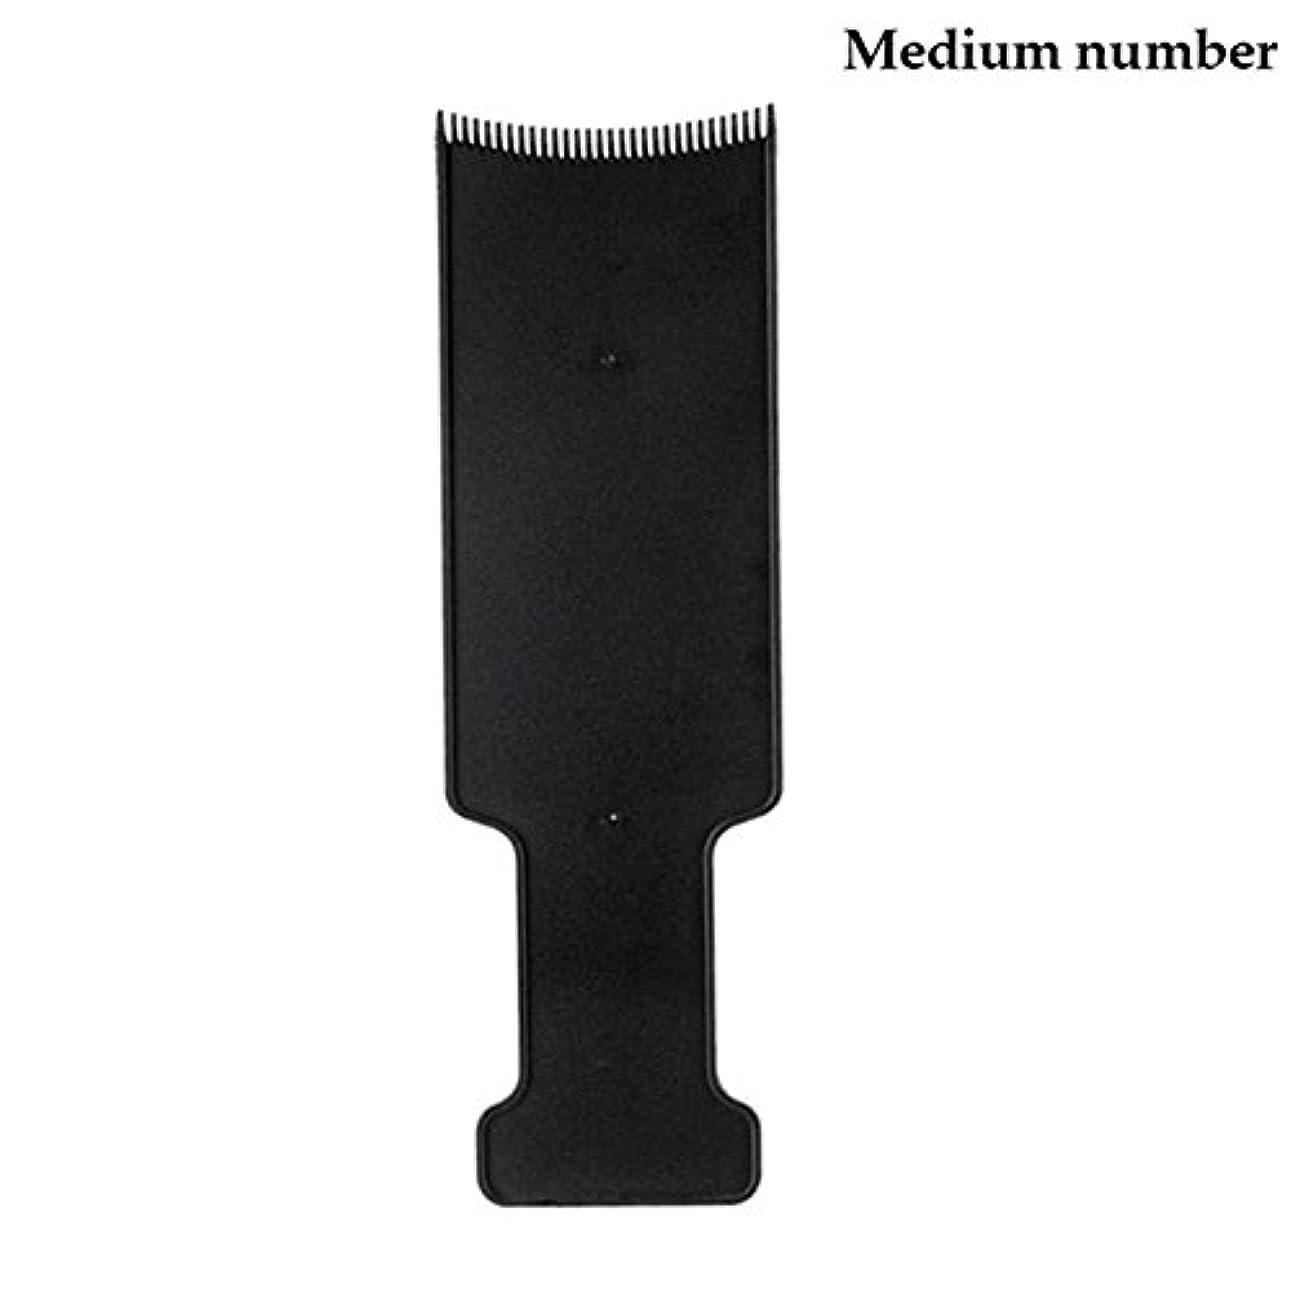 私たち障害免疫Liebeye 長いボード ヘアブラシ 髪の色の櫛 ブラック 染色 美容 ティントヘア ブラシツール ミディアム